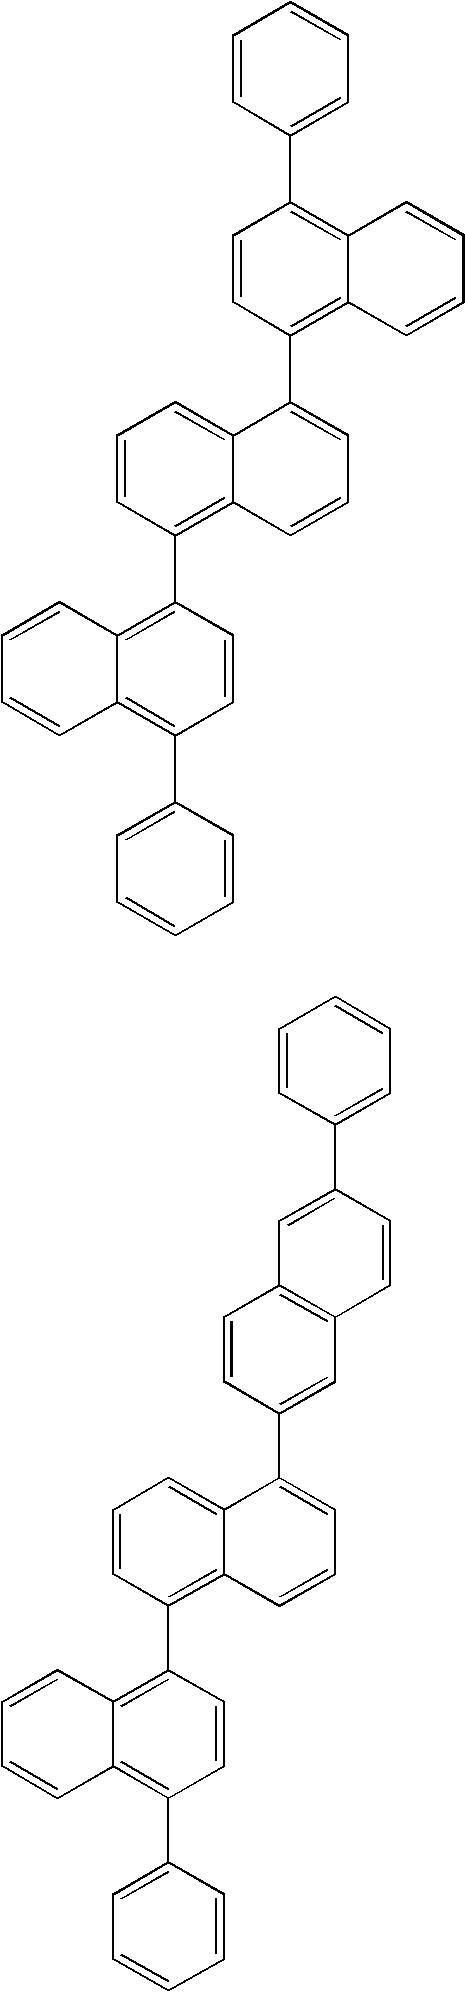 Figure US20100171109A1-20100708-C00072